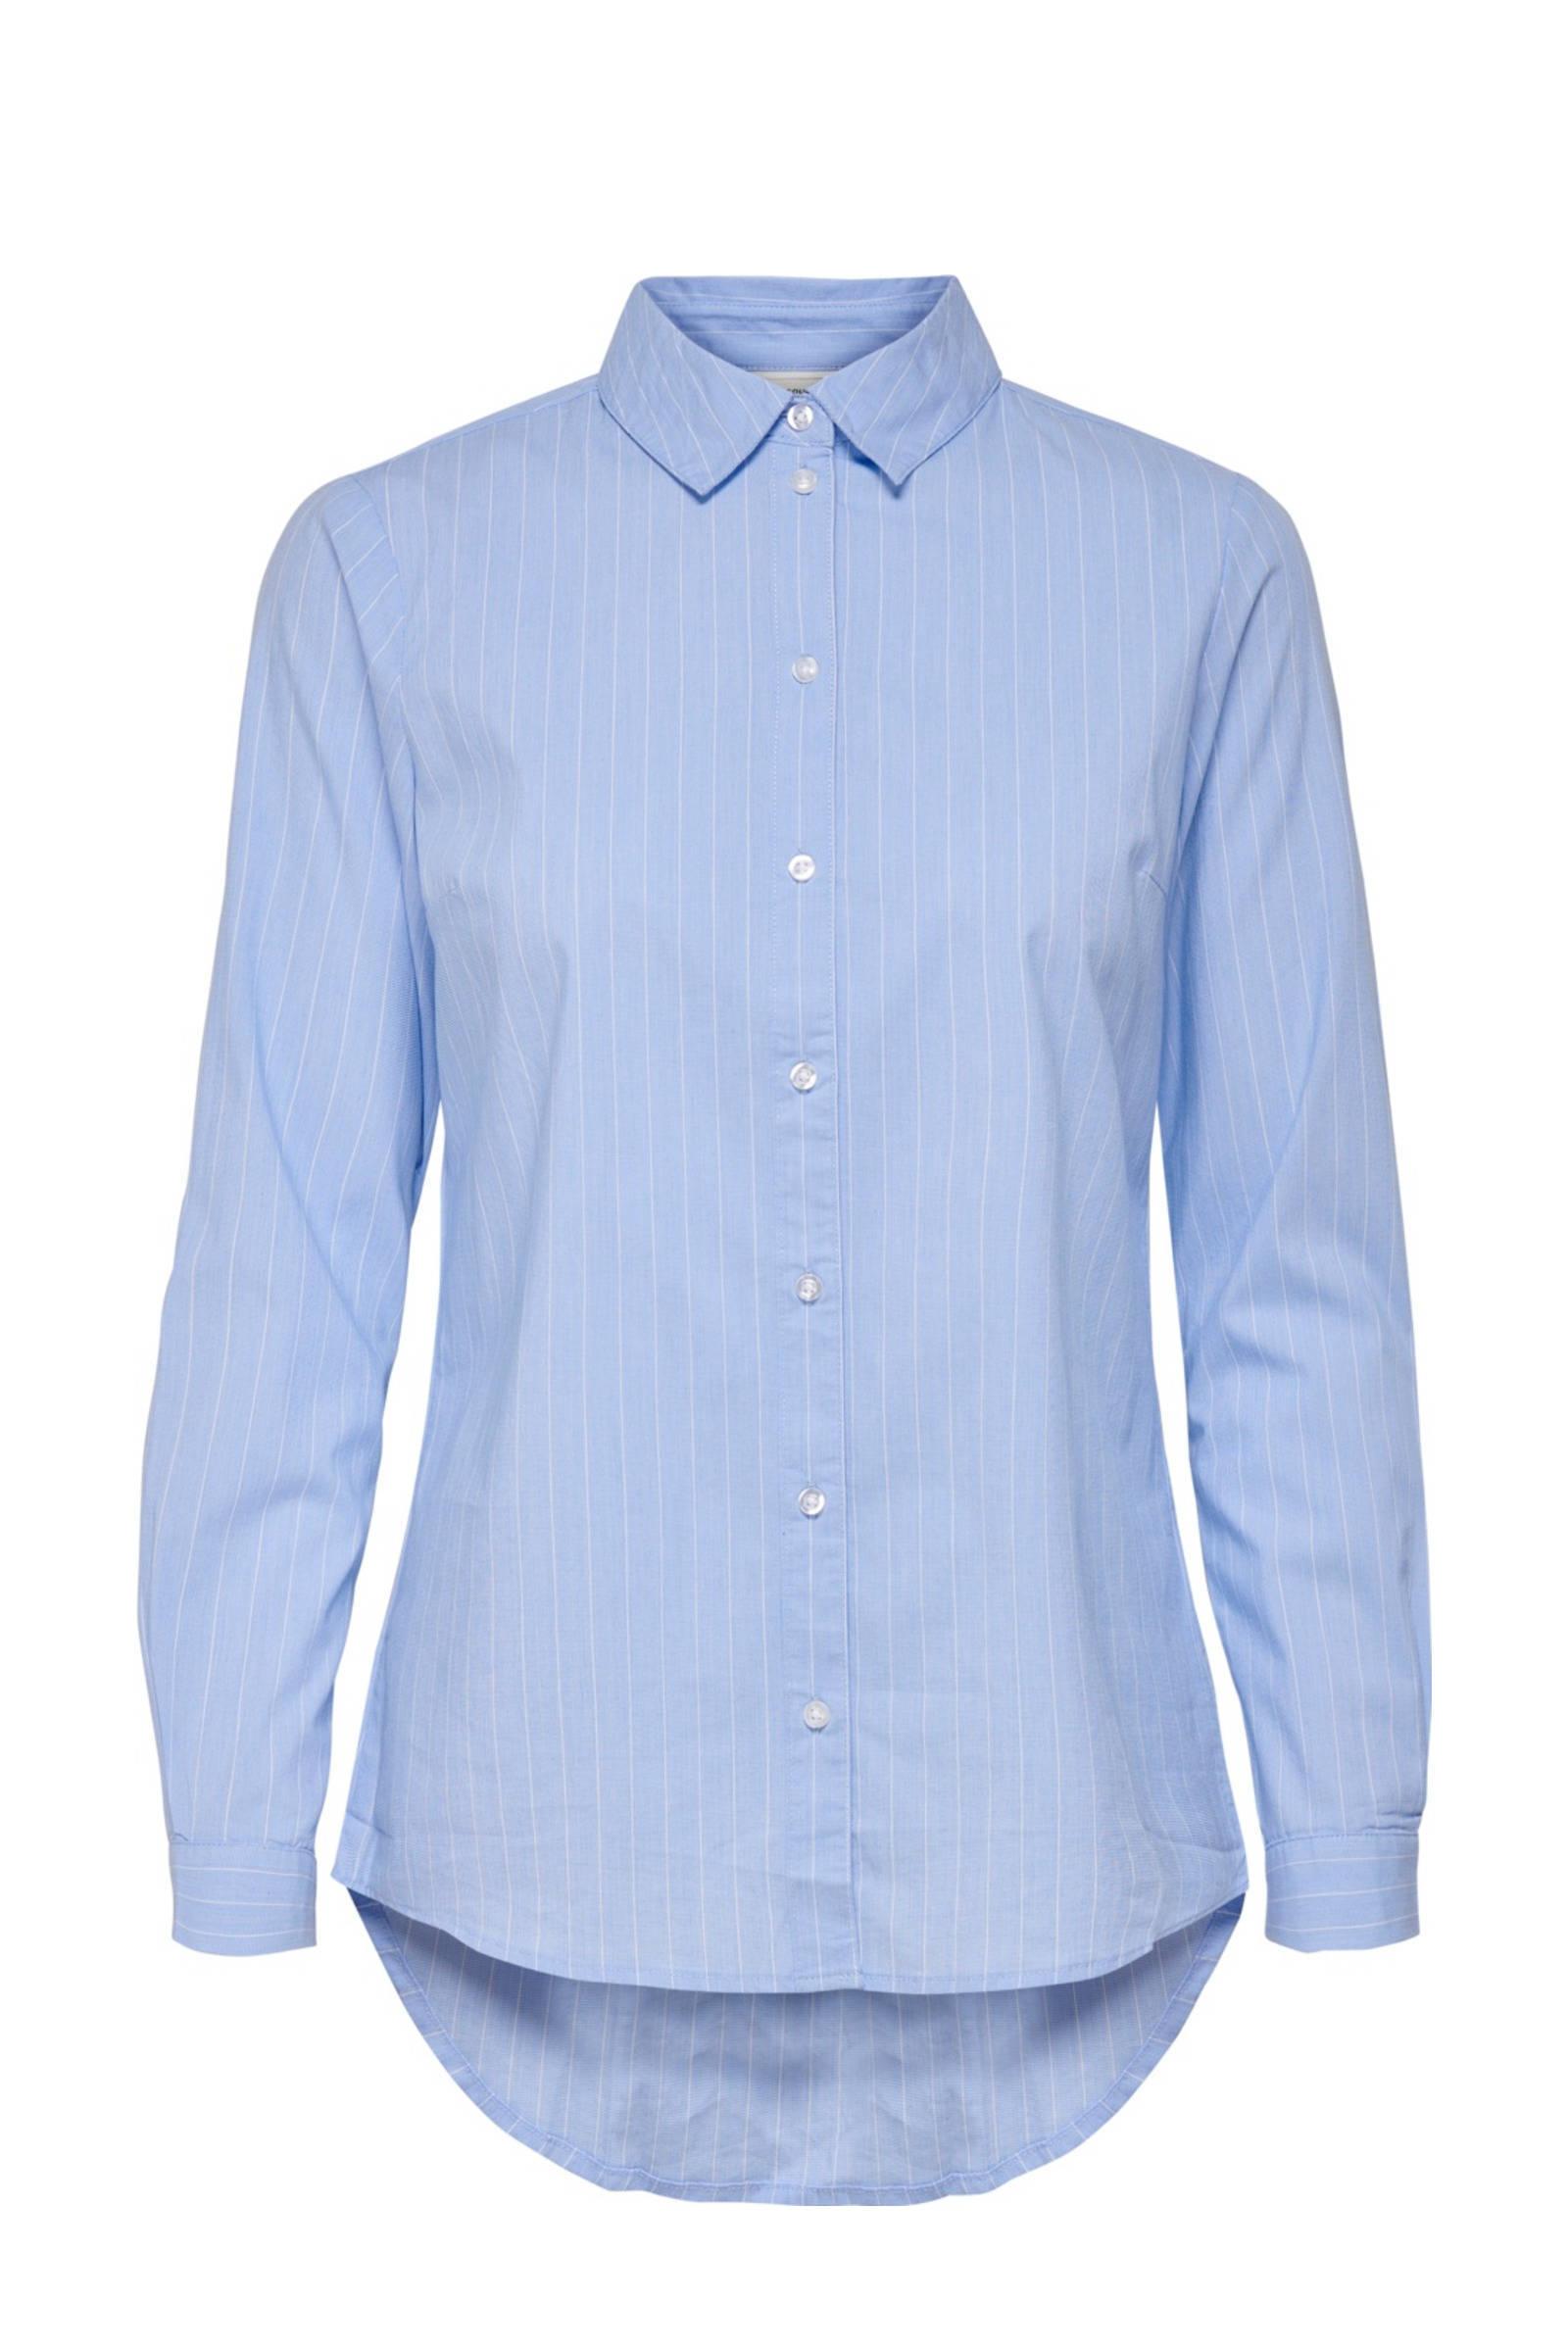 JACQUELINE blauw YONG DE DE blouse JACQUELINE aY4Fpvg8